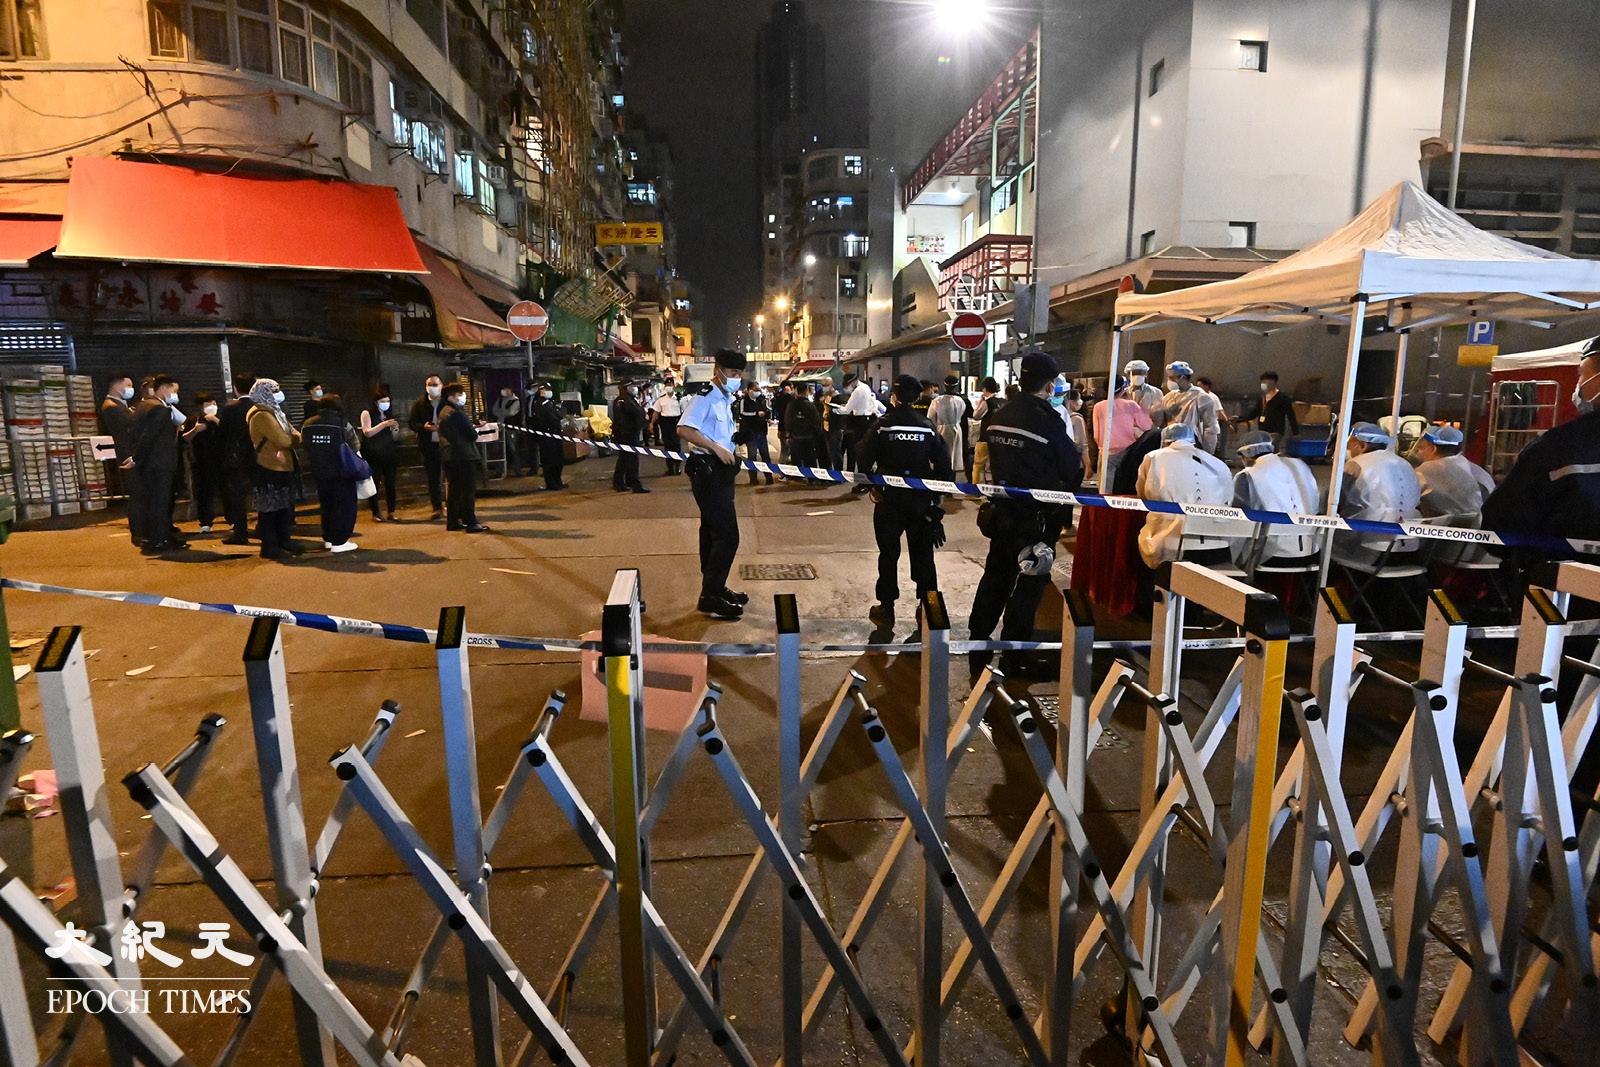 2月2日晚,深水埗被封鎖,區內人士排隊接受強制檢測。(宋碧龍/大紀元)